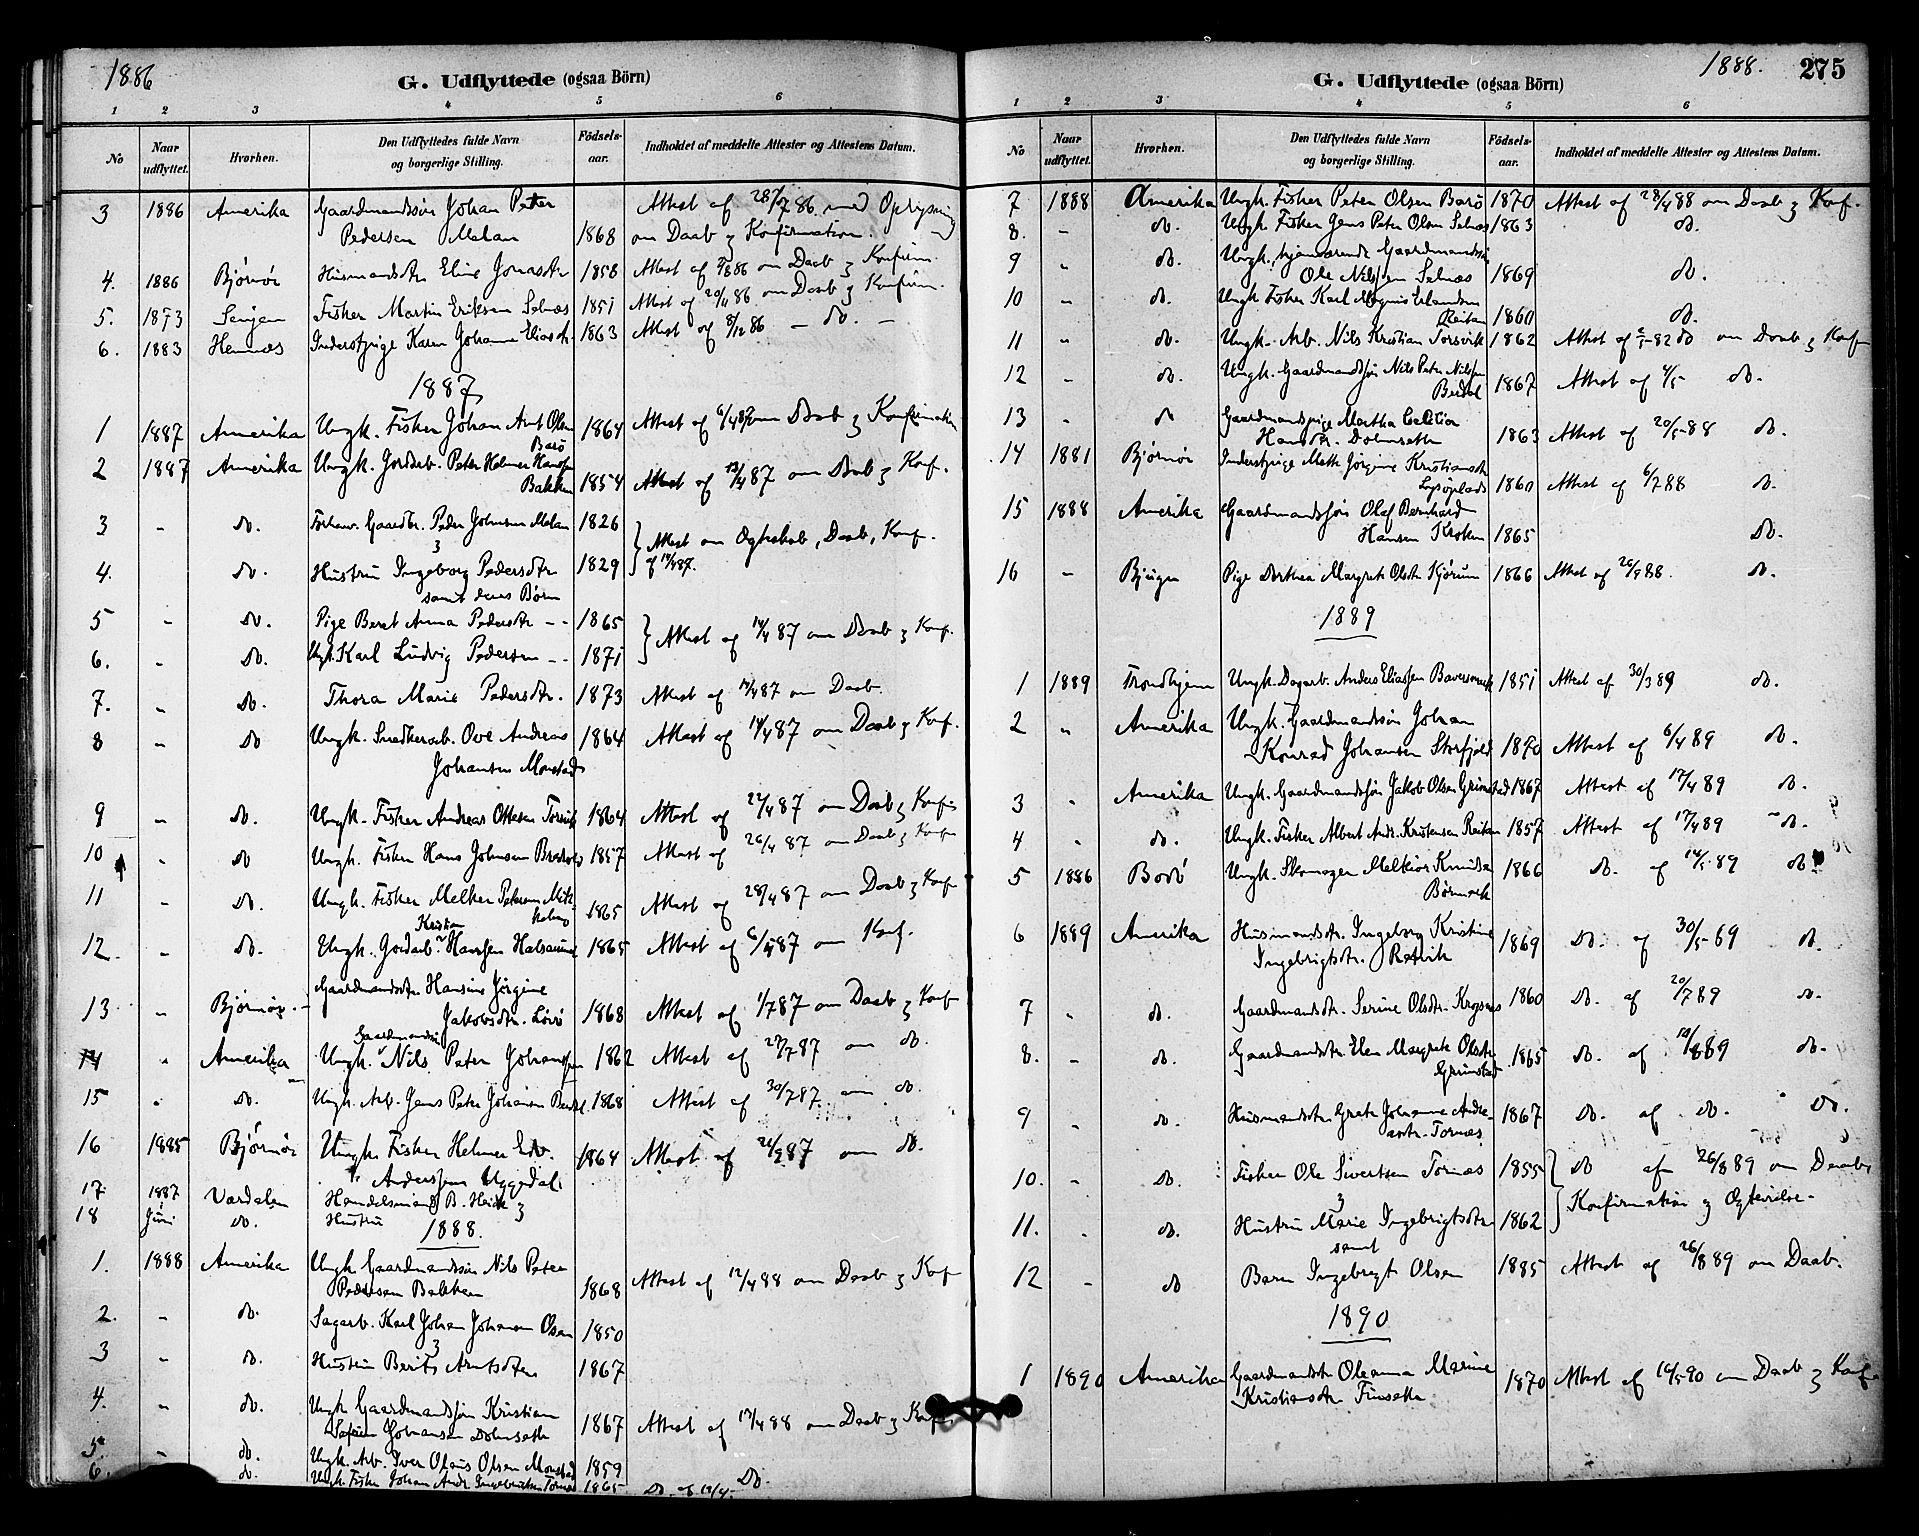 SAT, Ministerialprotokoller, klokkerbøker og fødselsregistre - Sør-Trøndelag, 655/L0680: Ministerialbok nr. 655A09, 1880-1894, s. 275